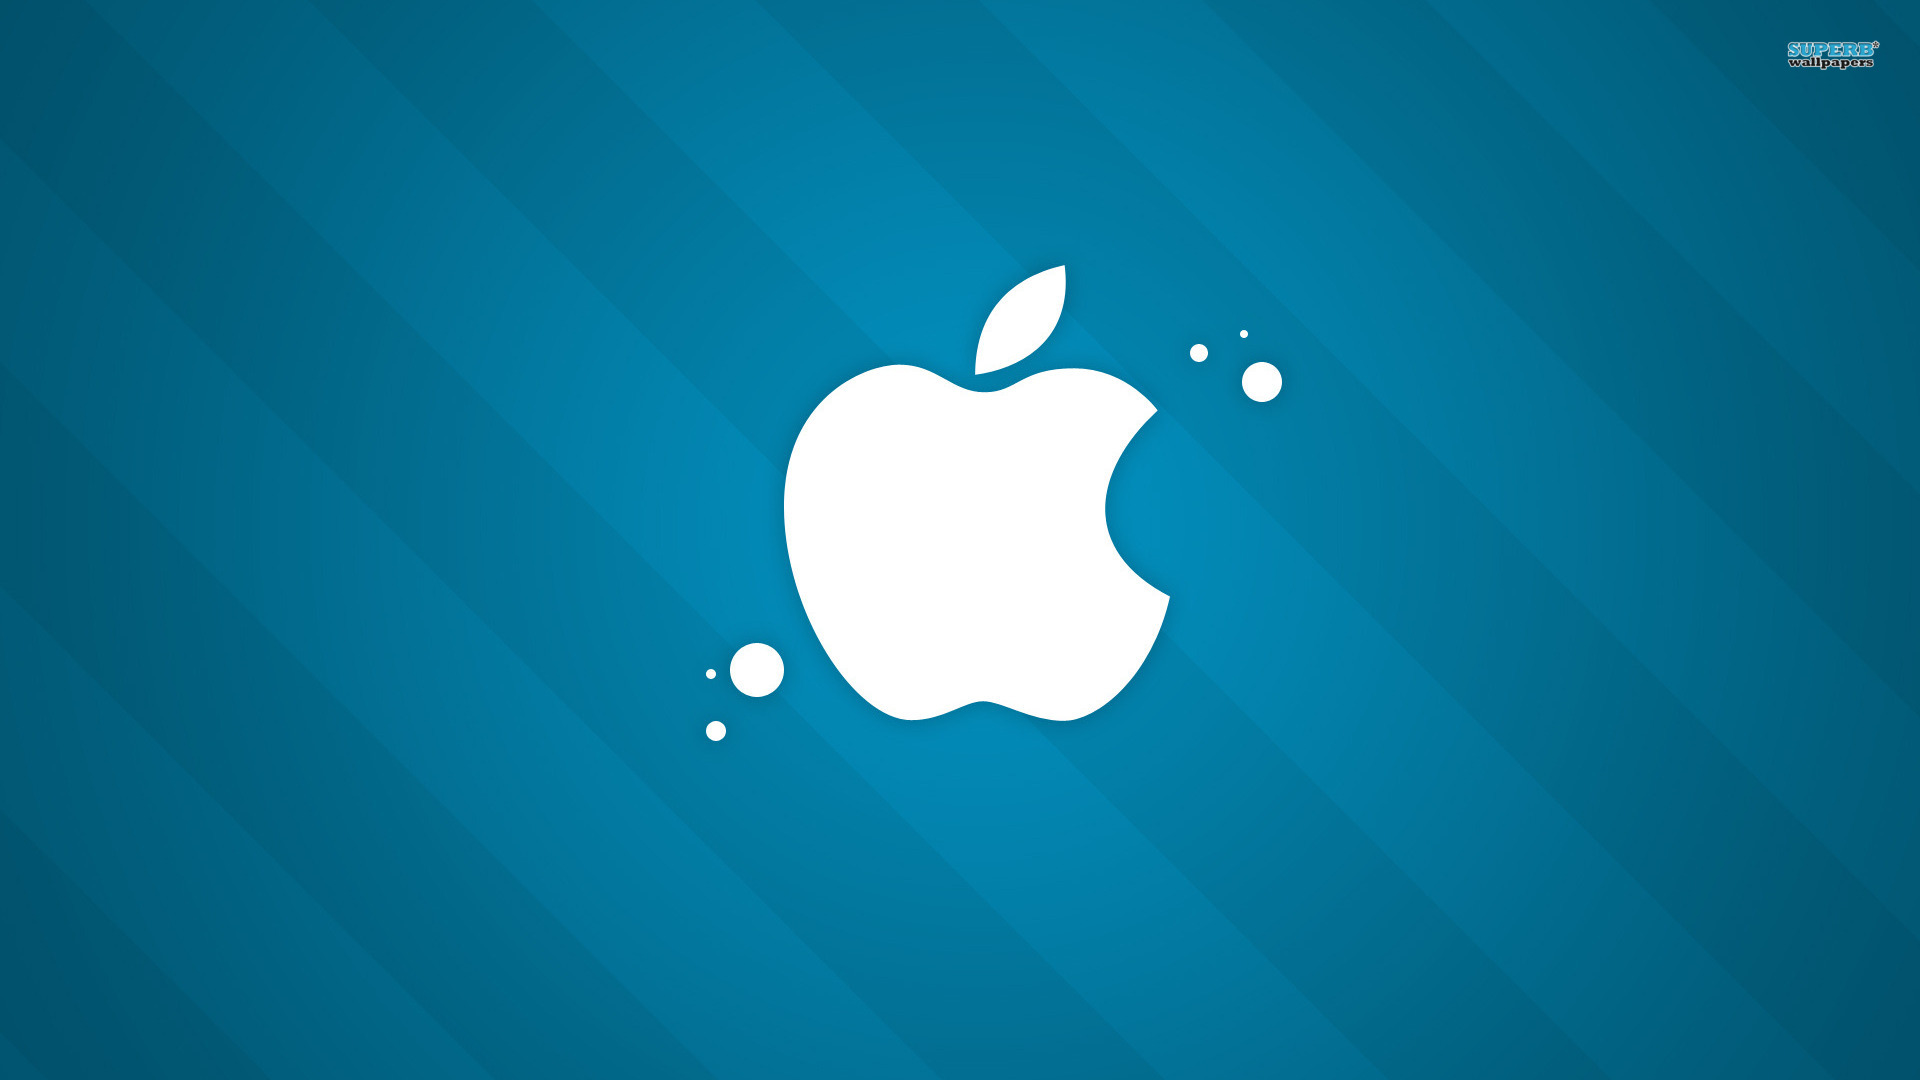 apple, blue, обои для рабочего стола